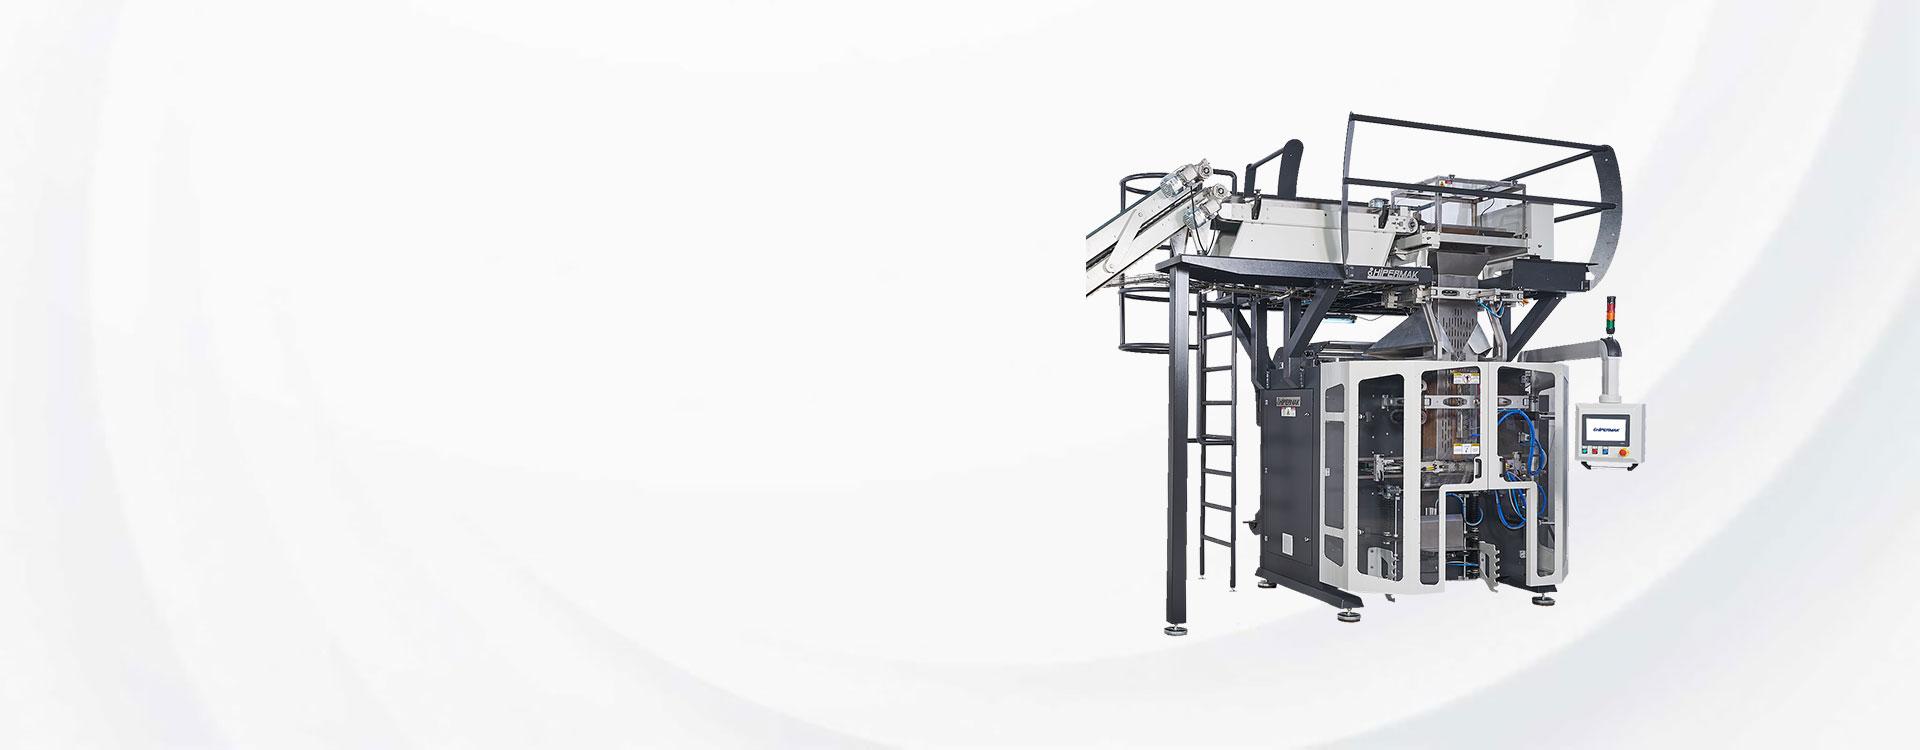 Otomatik Balyalama Makinesi